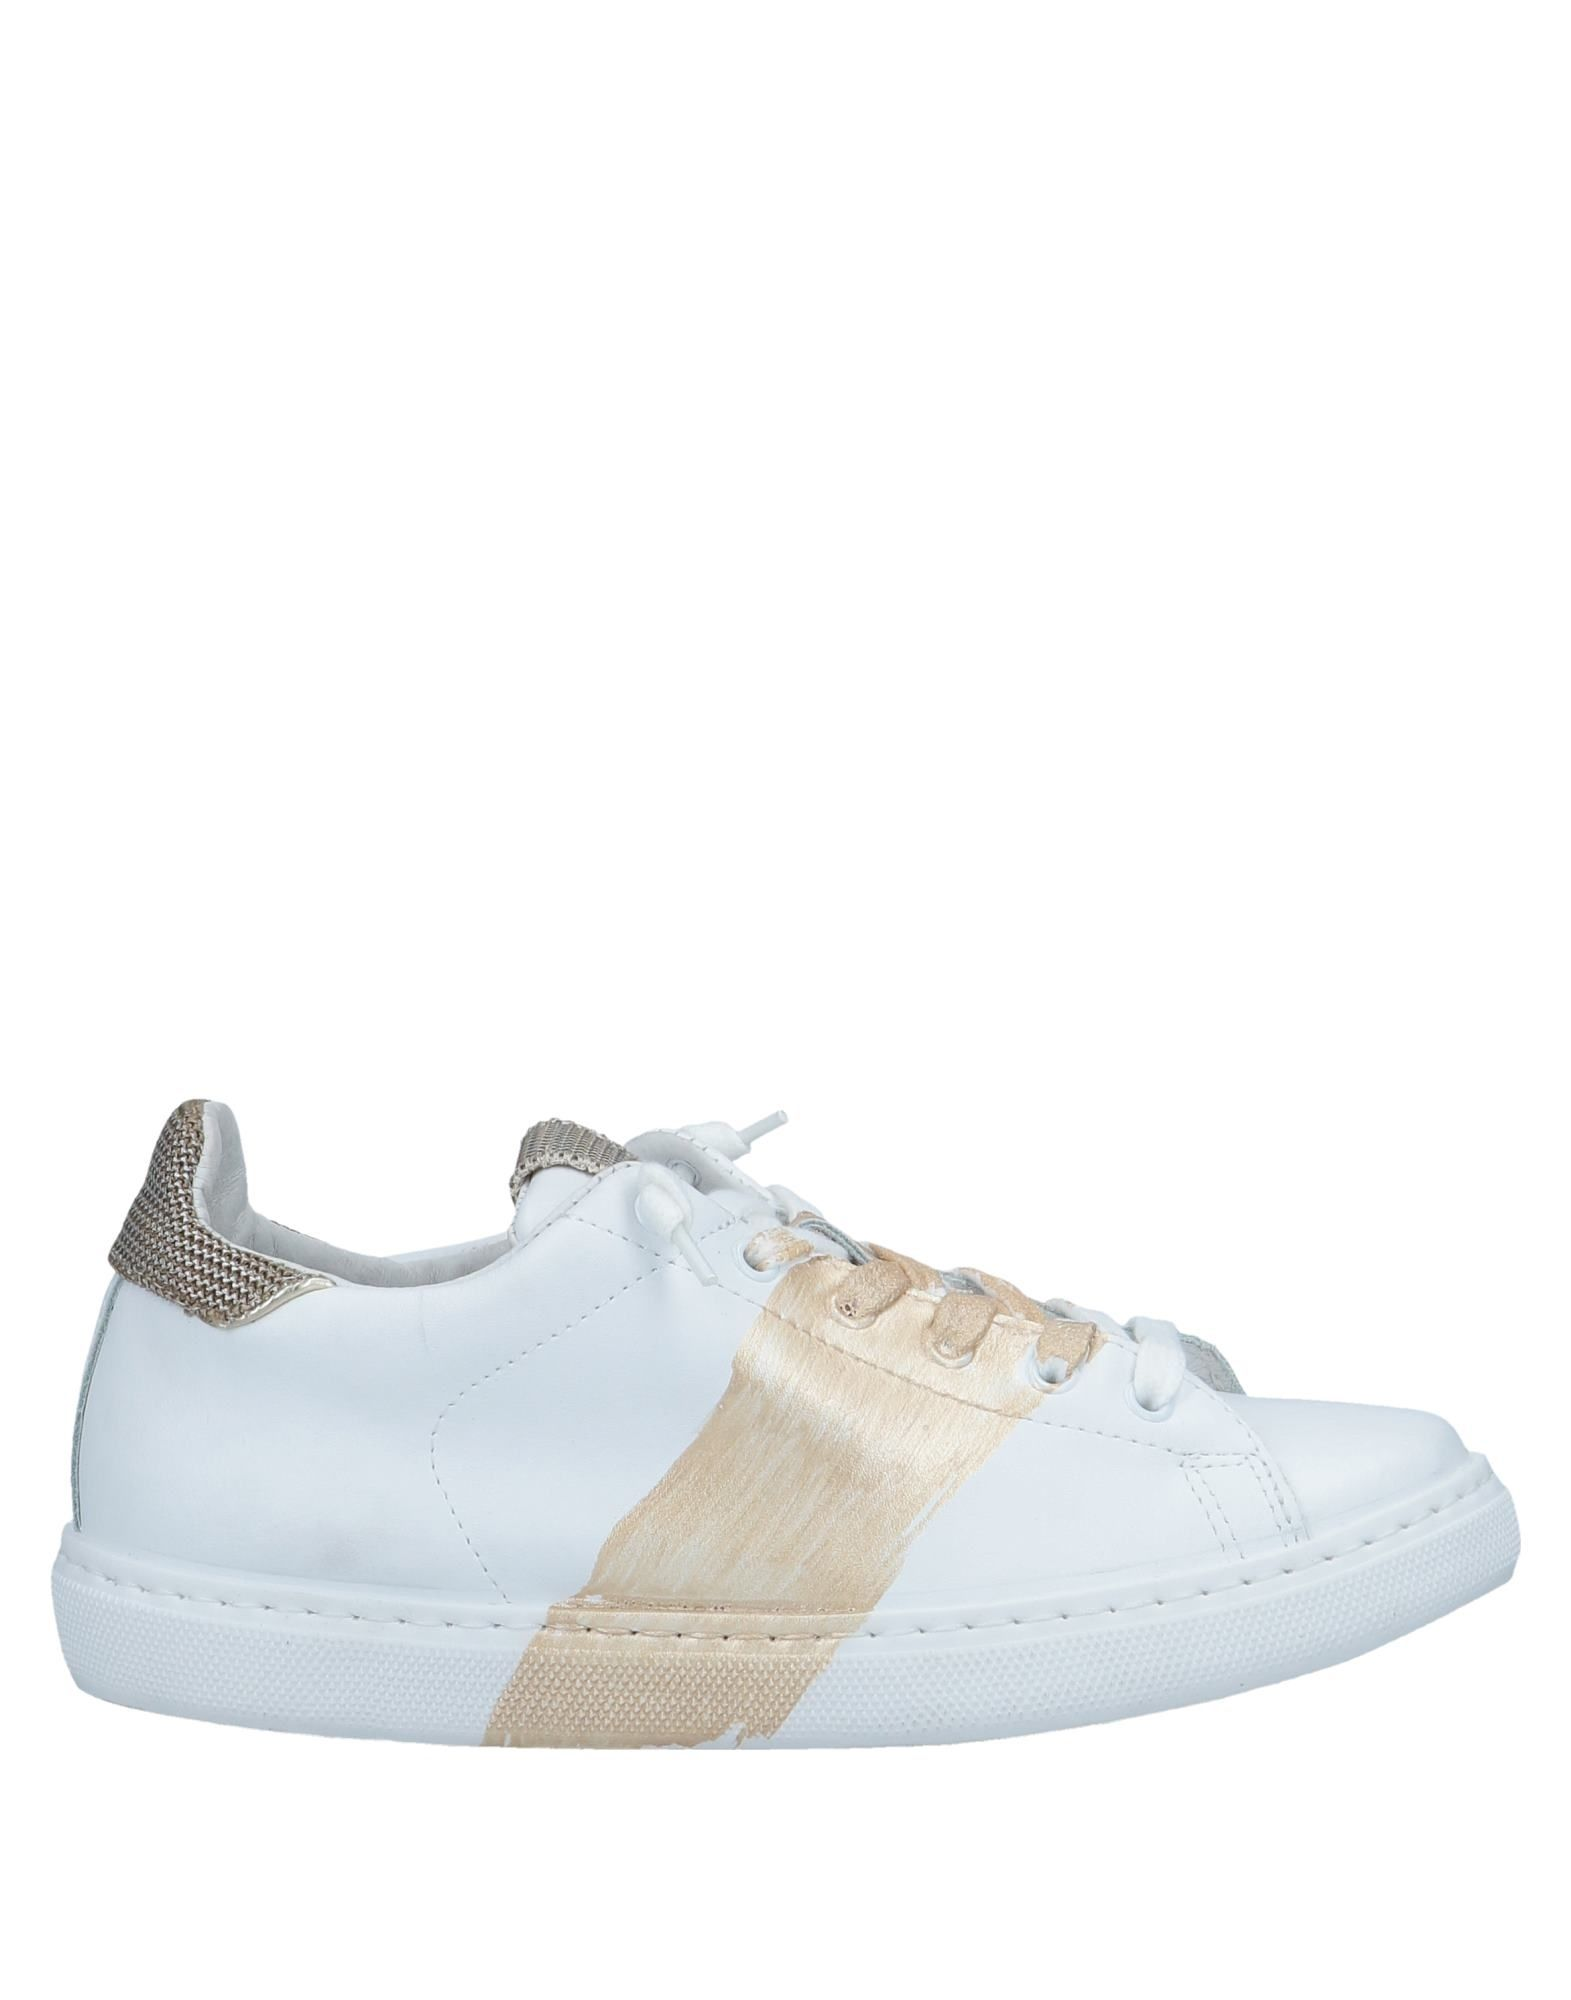 Sneakers 2Star Donna - 11553957IU Scarpe economiche e buone